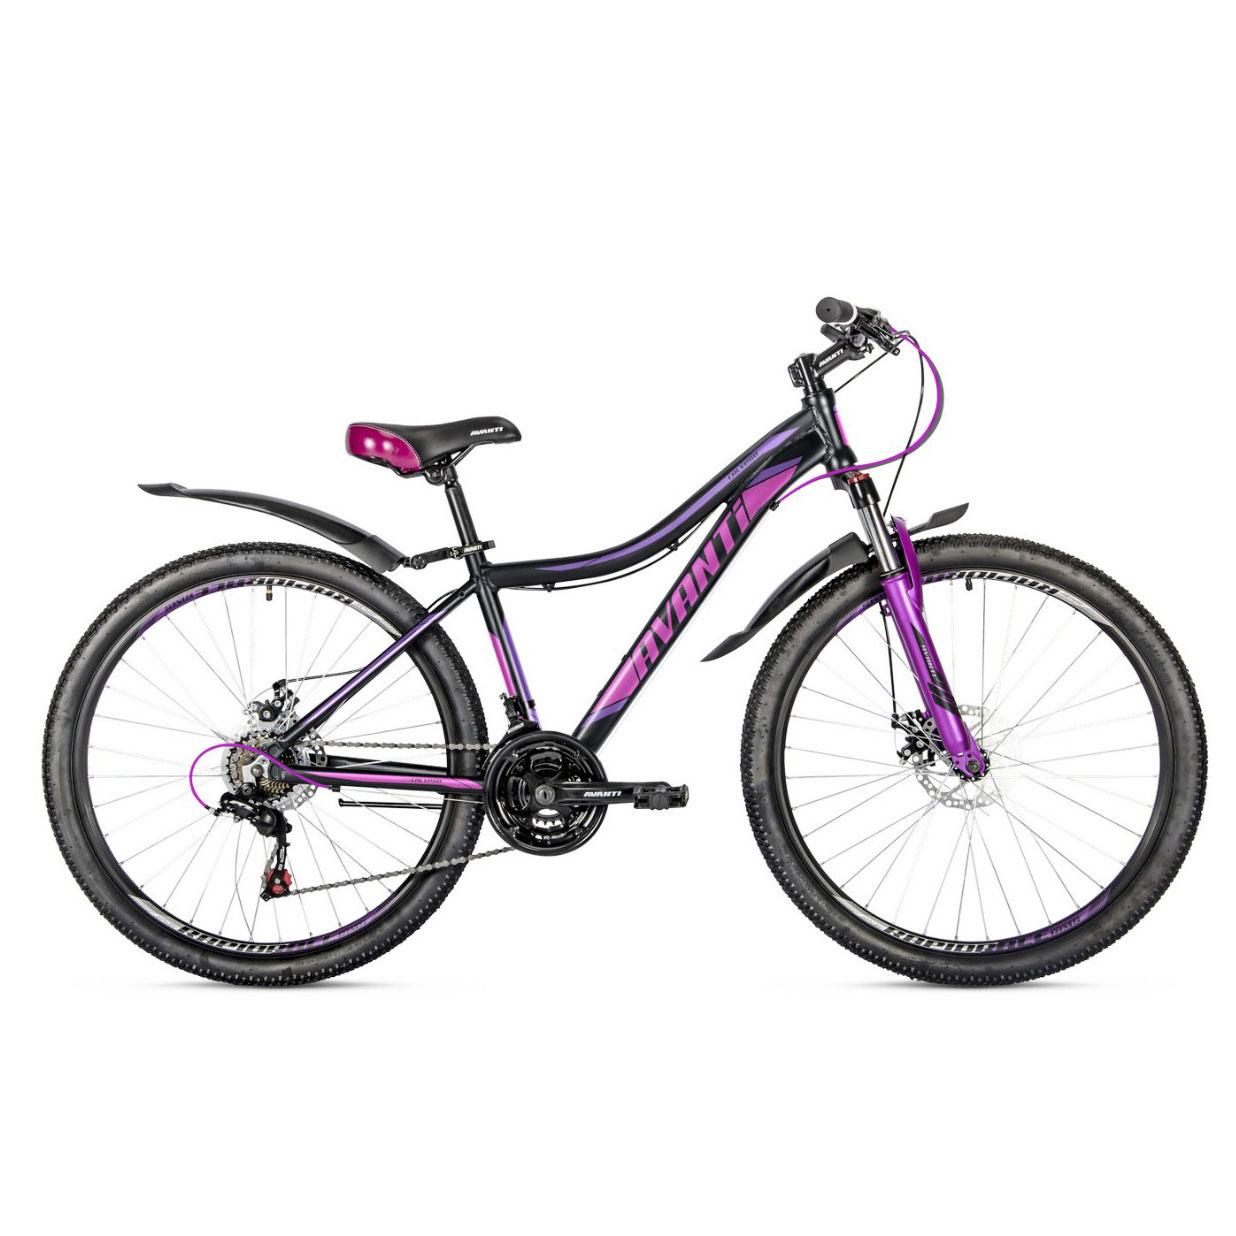 Фото Женский Велосипед  26 Avanti Calypso disk 2018 вилка Lock Out черно-фиолетный